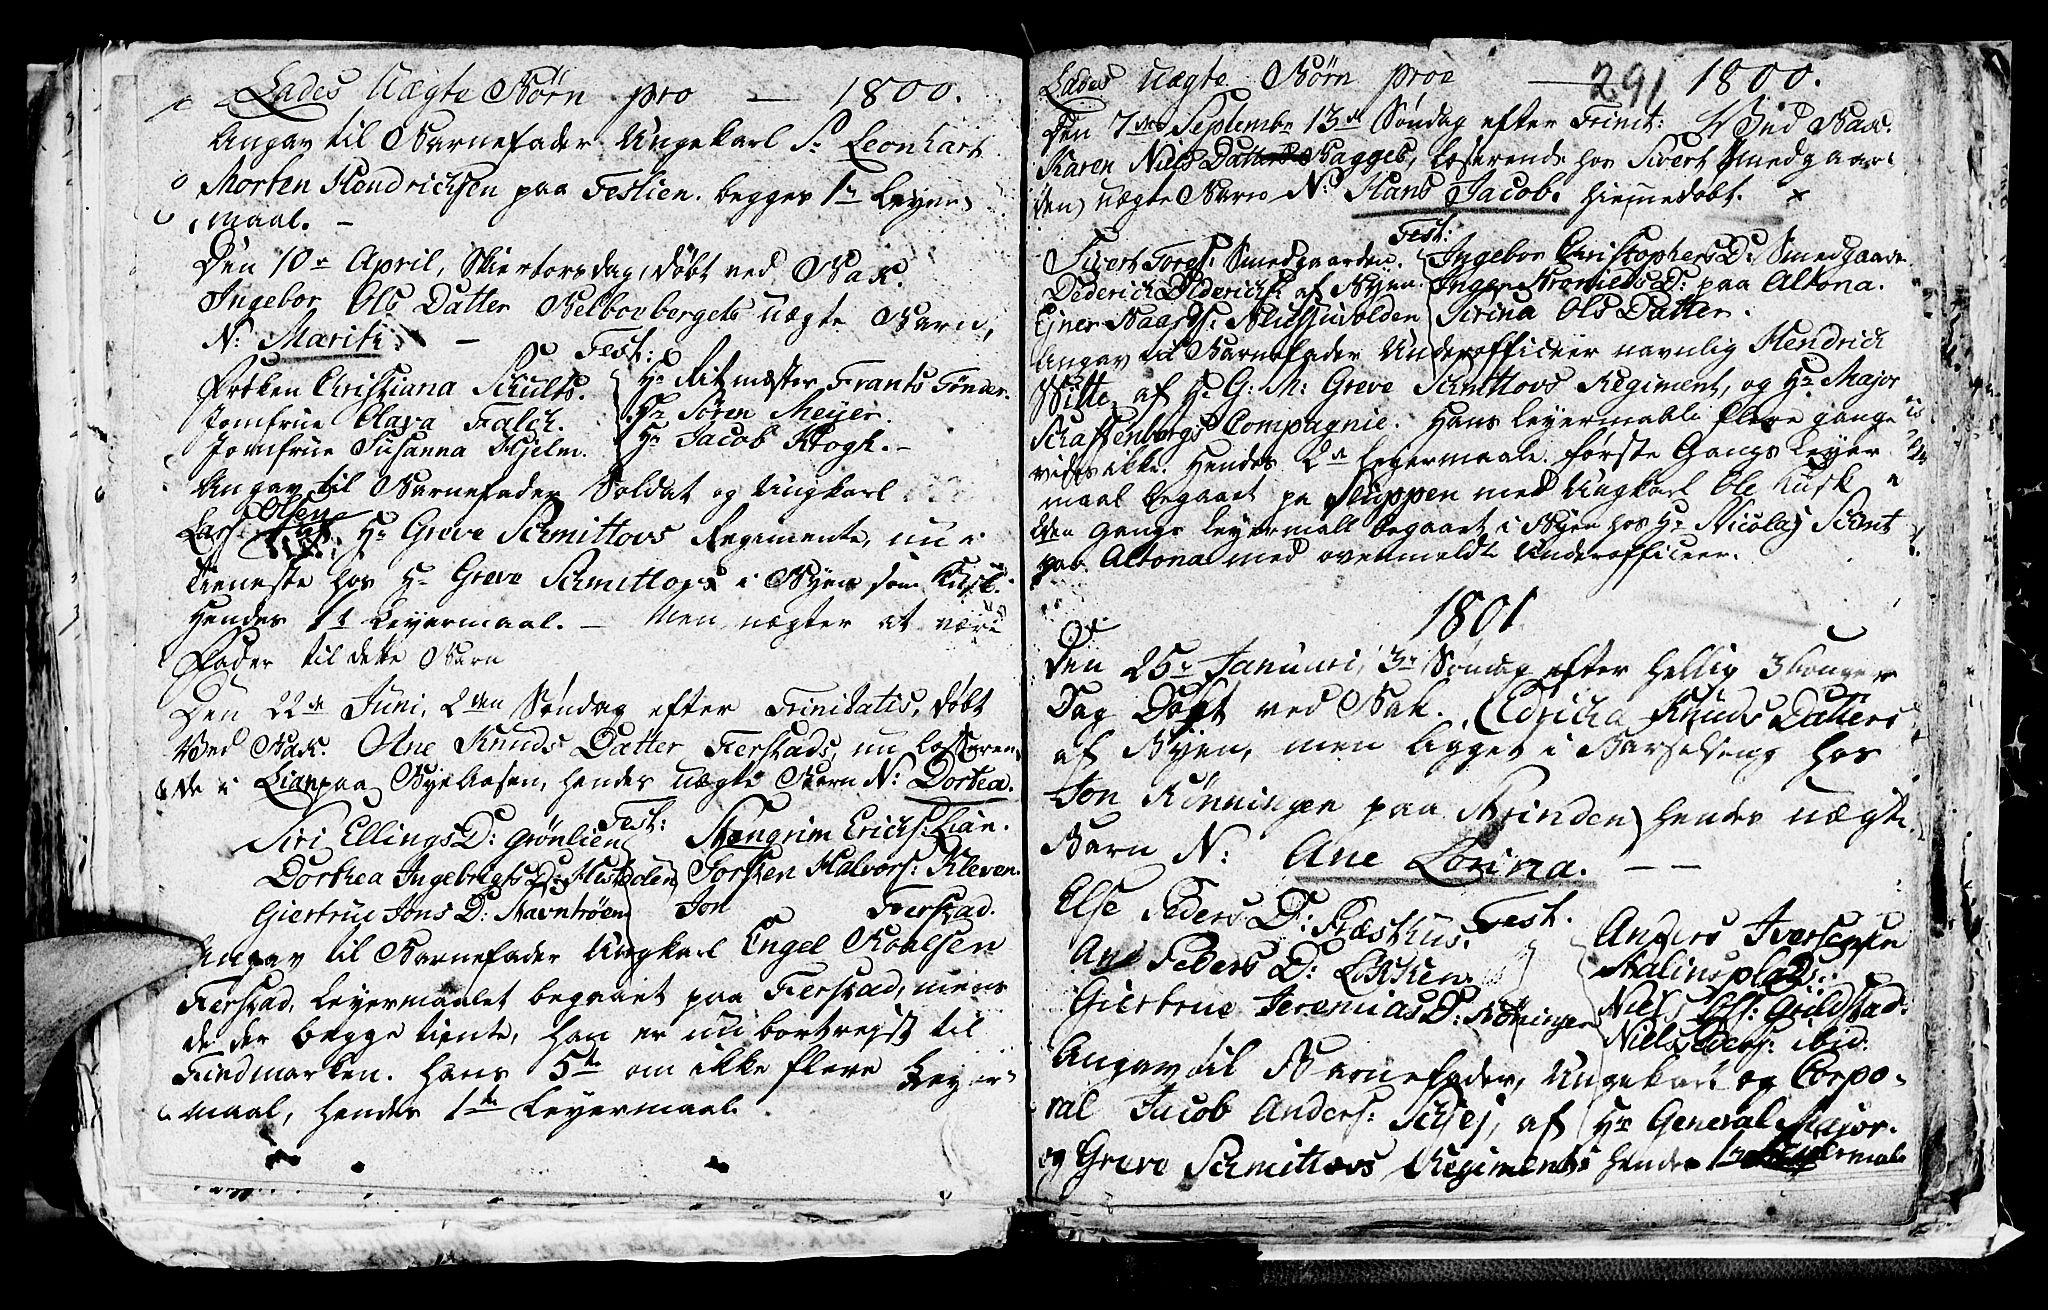 SAT, Ministerialprotokoller, klokkerbøker og fødselsregistre - Sør-Trøndelag, 606/L0305: Klokkerbok nr. 606C01, 1757-1819, s. 291